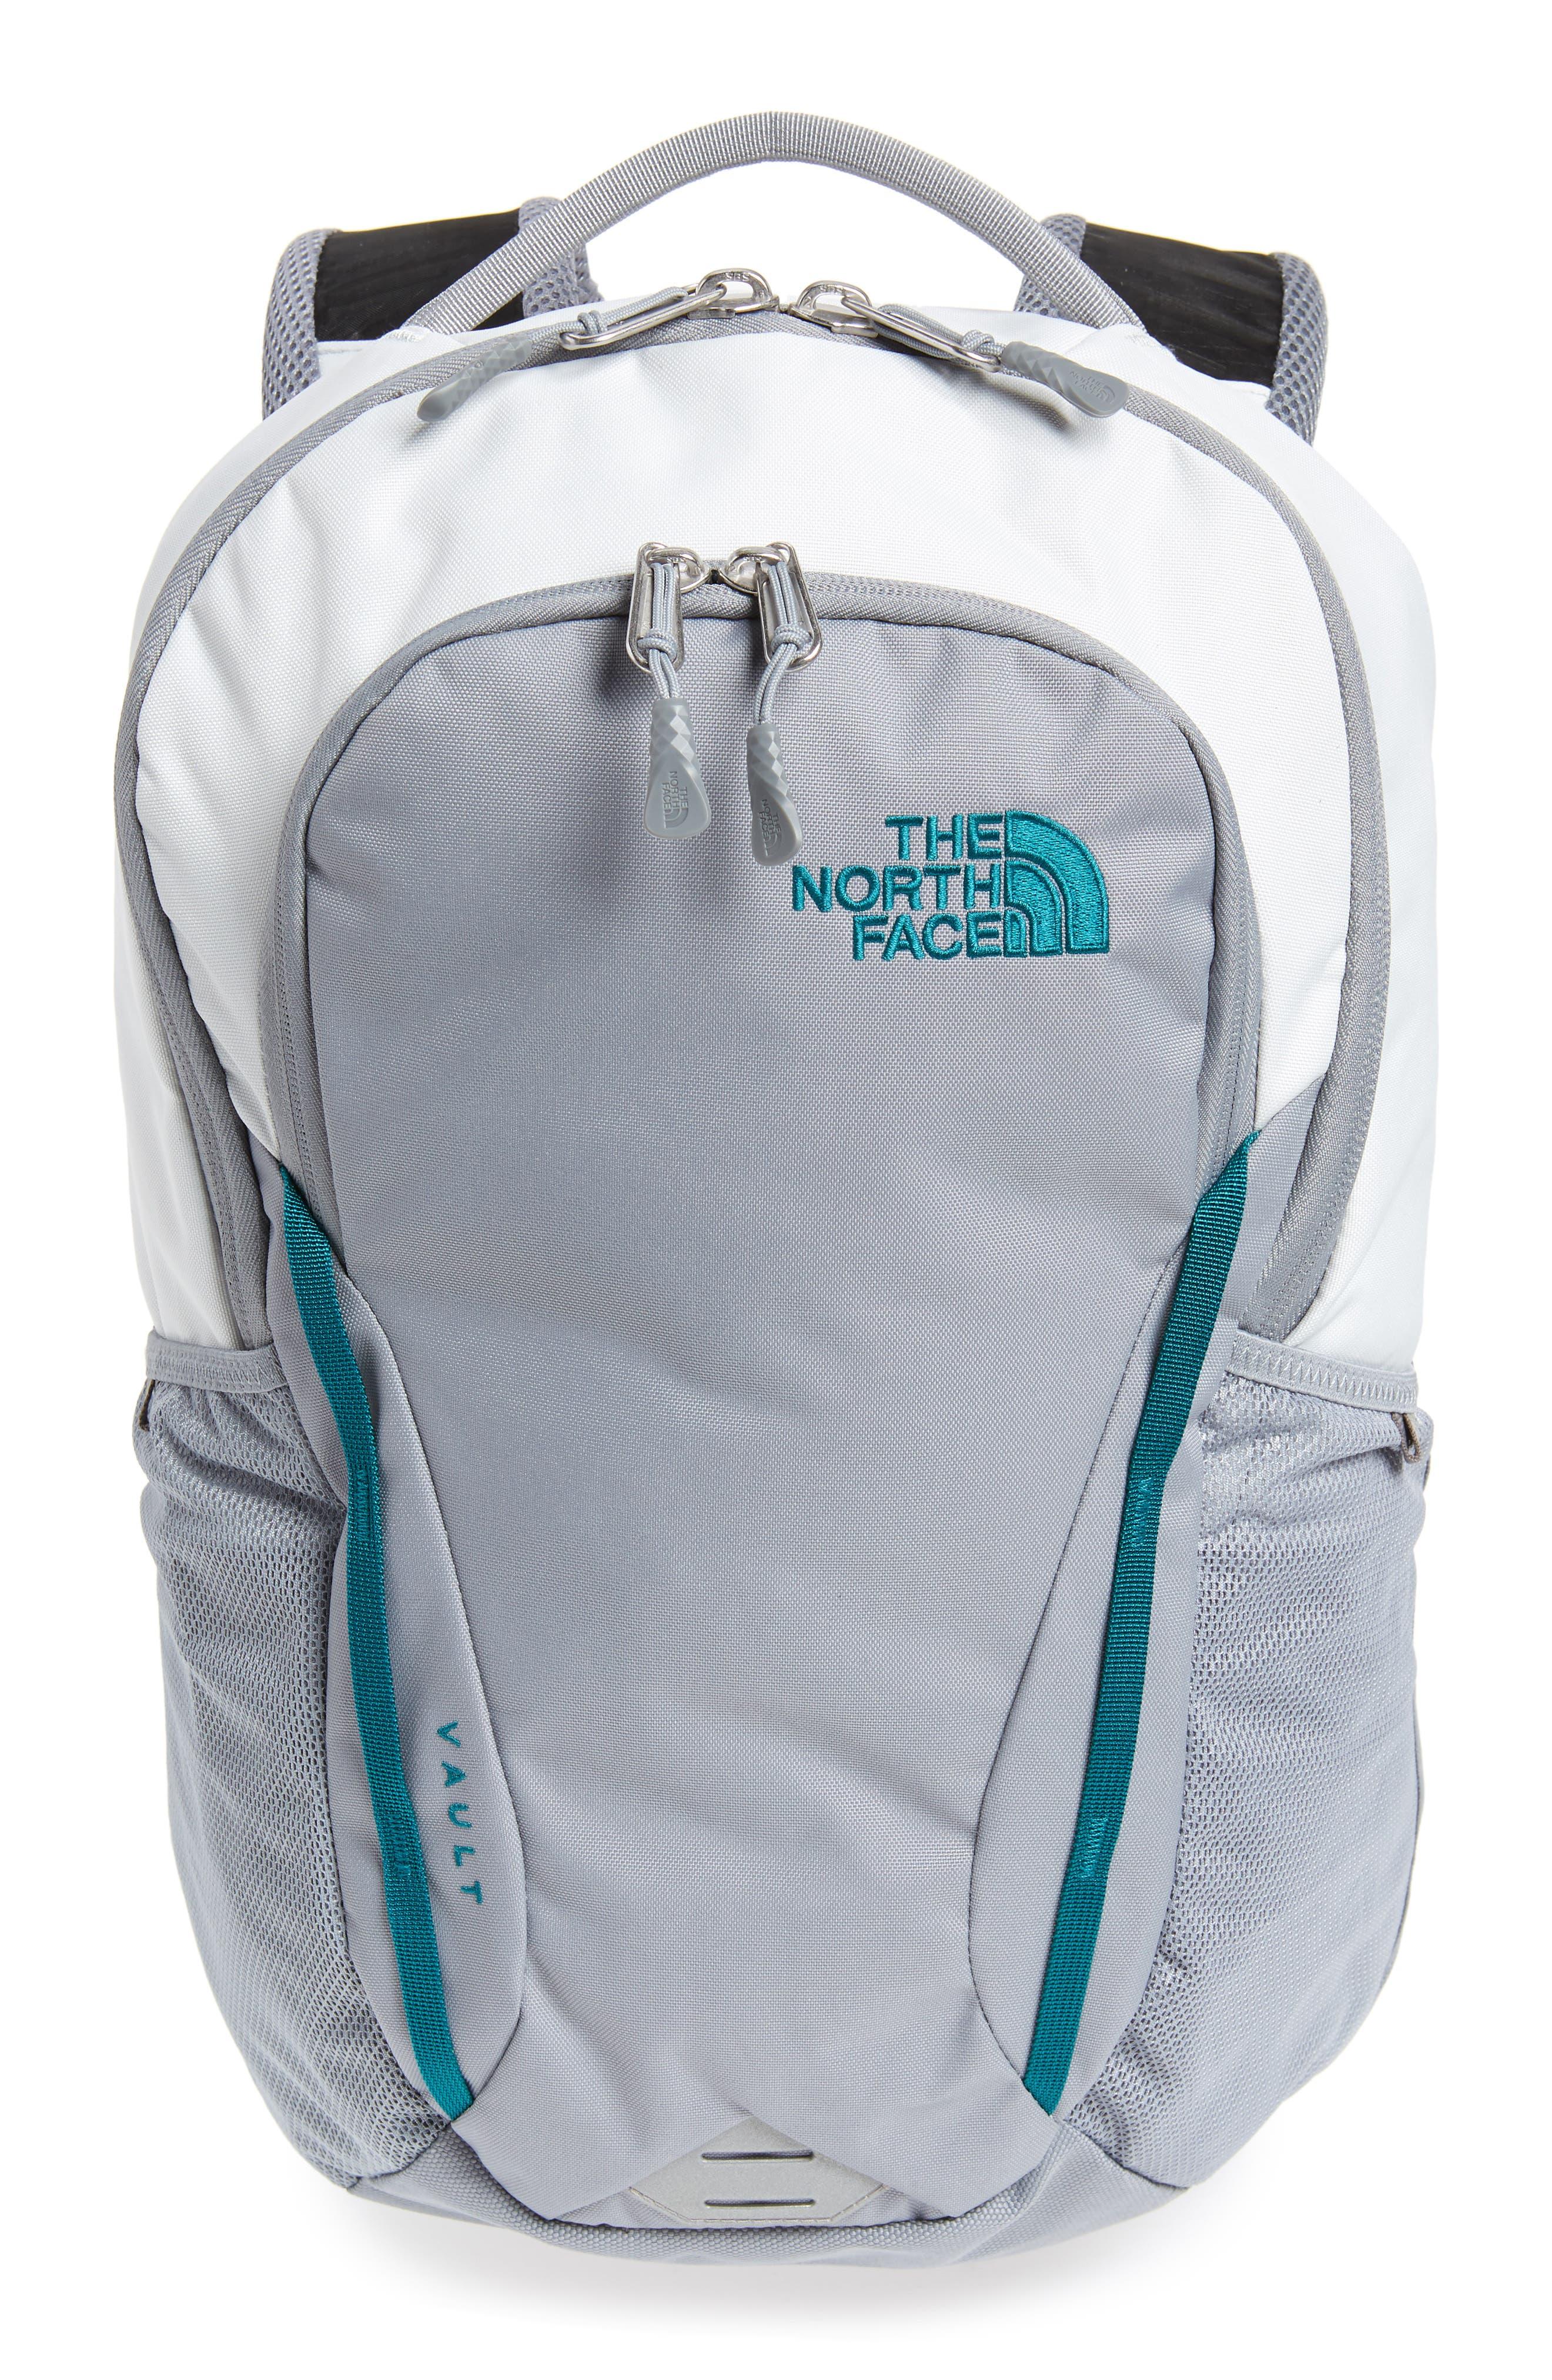 Vault Backpack,                             Main thumbnail 1, color,                             Tin Grey/ Mid Grey